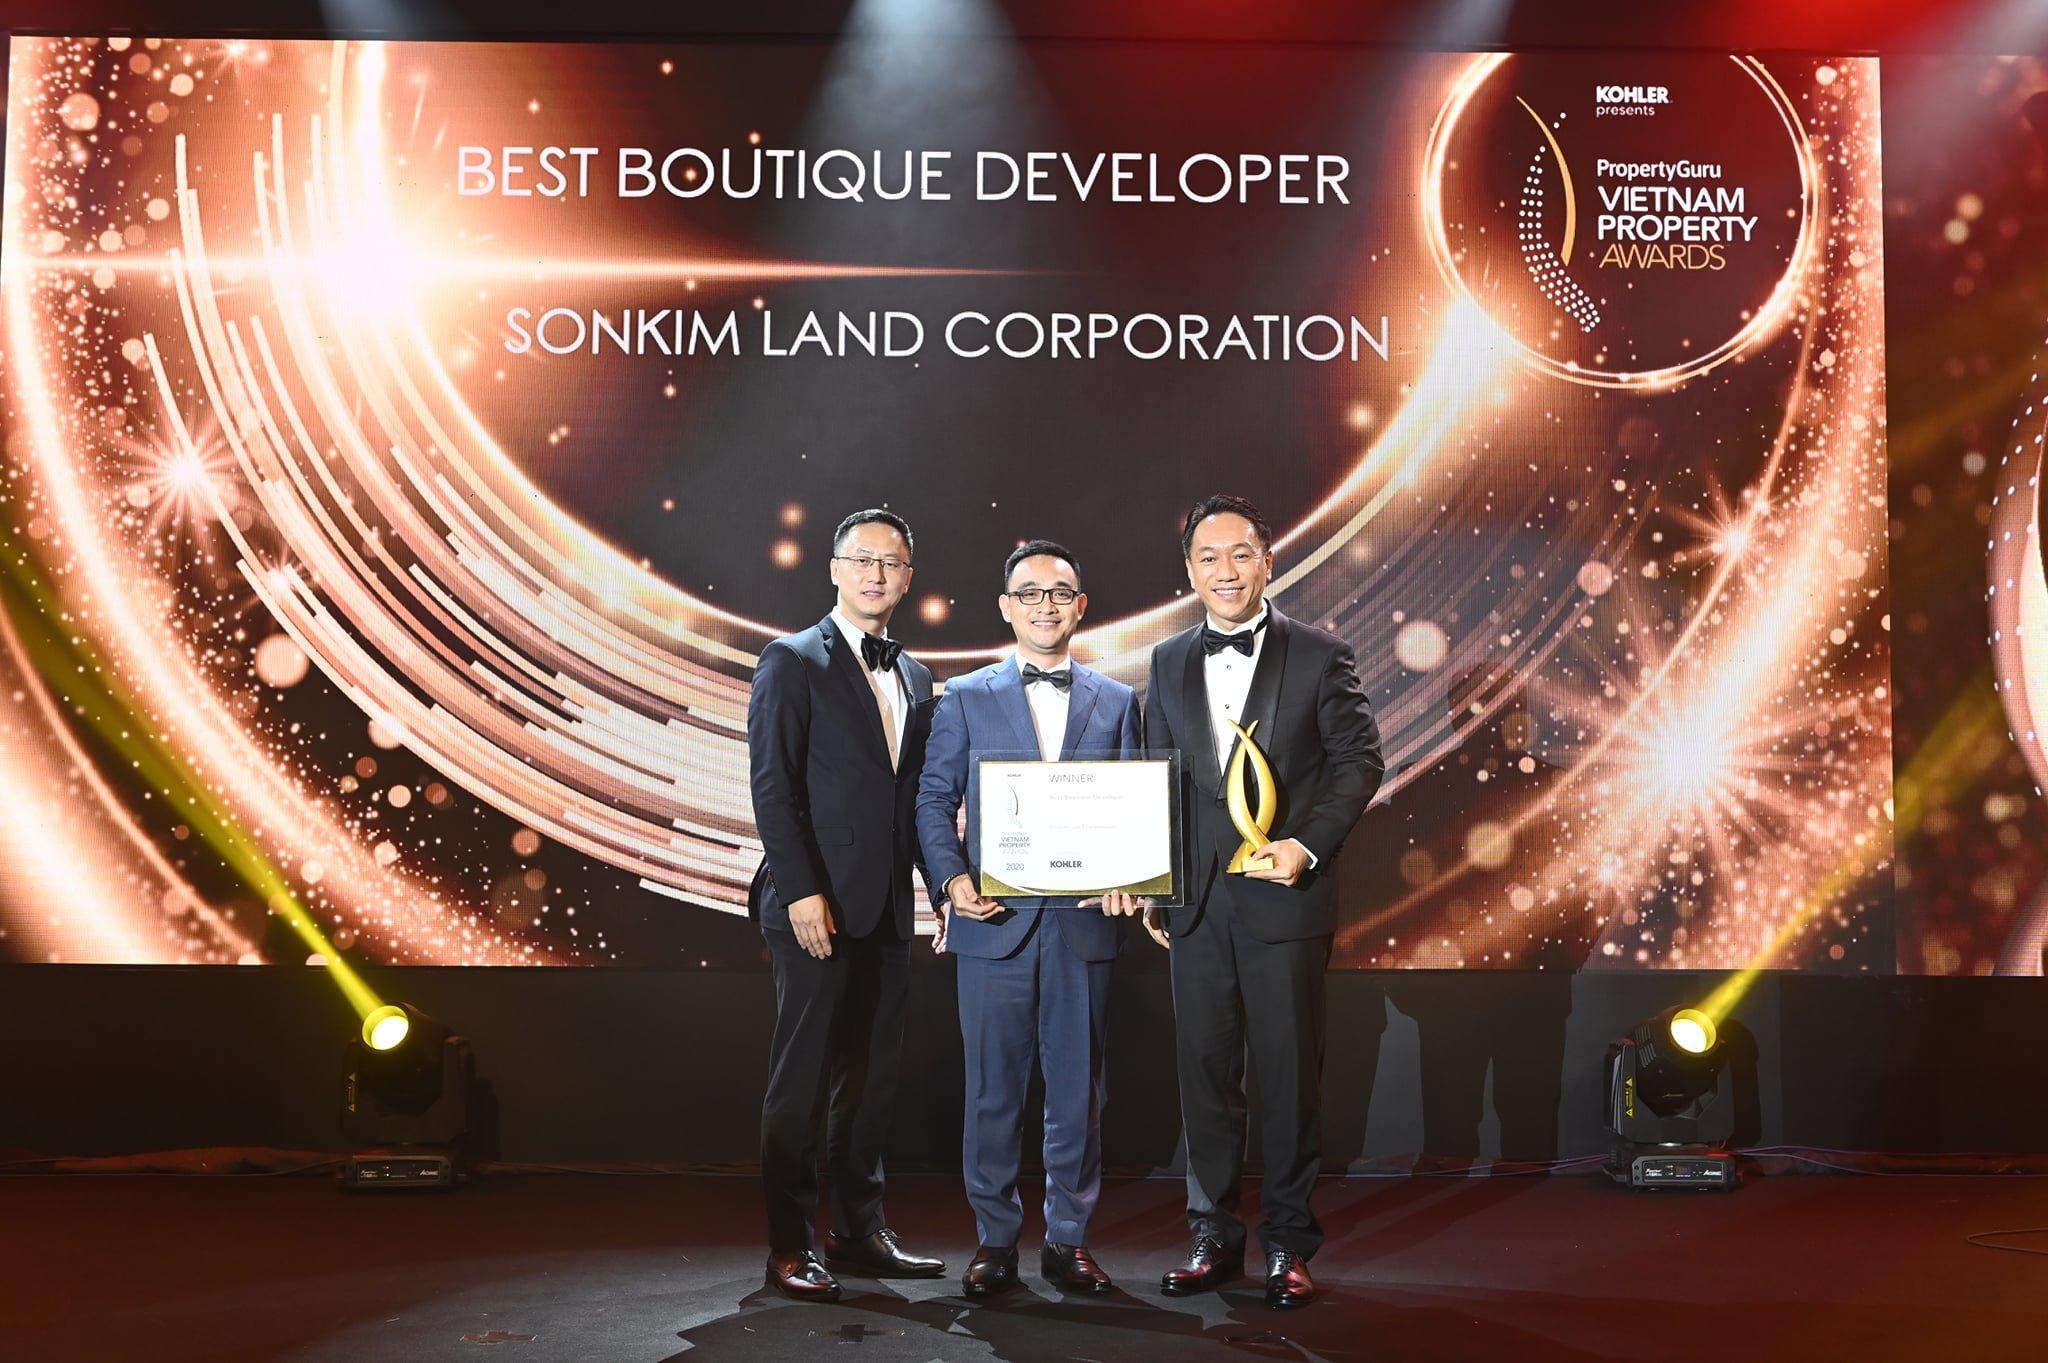 SonKim Land Corporation-Nhà phát triển BĐS xuất sắc nhất dòng Luxury Boutique